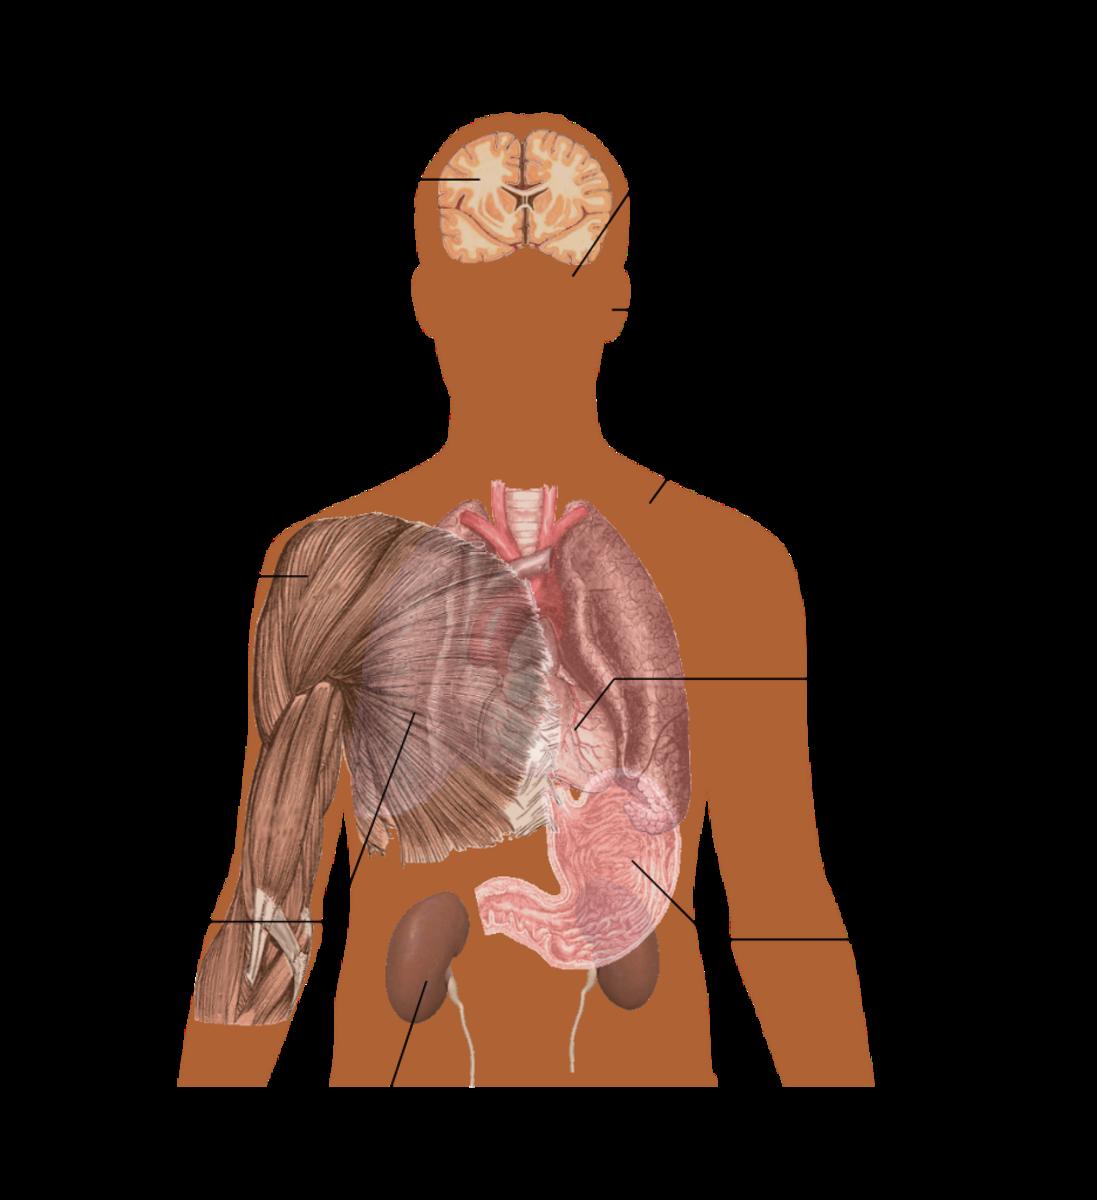 Potential symptoms of a caffeine overdose